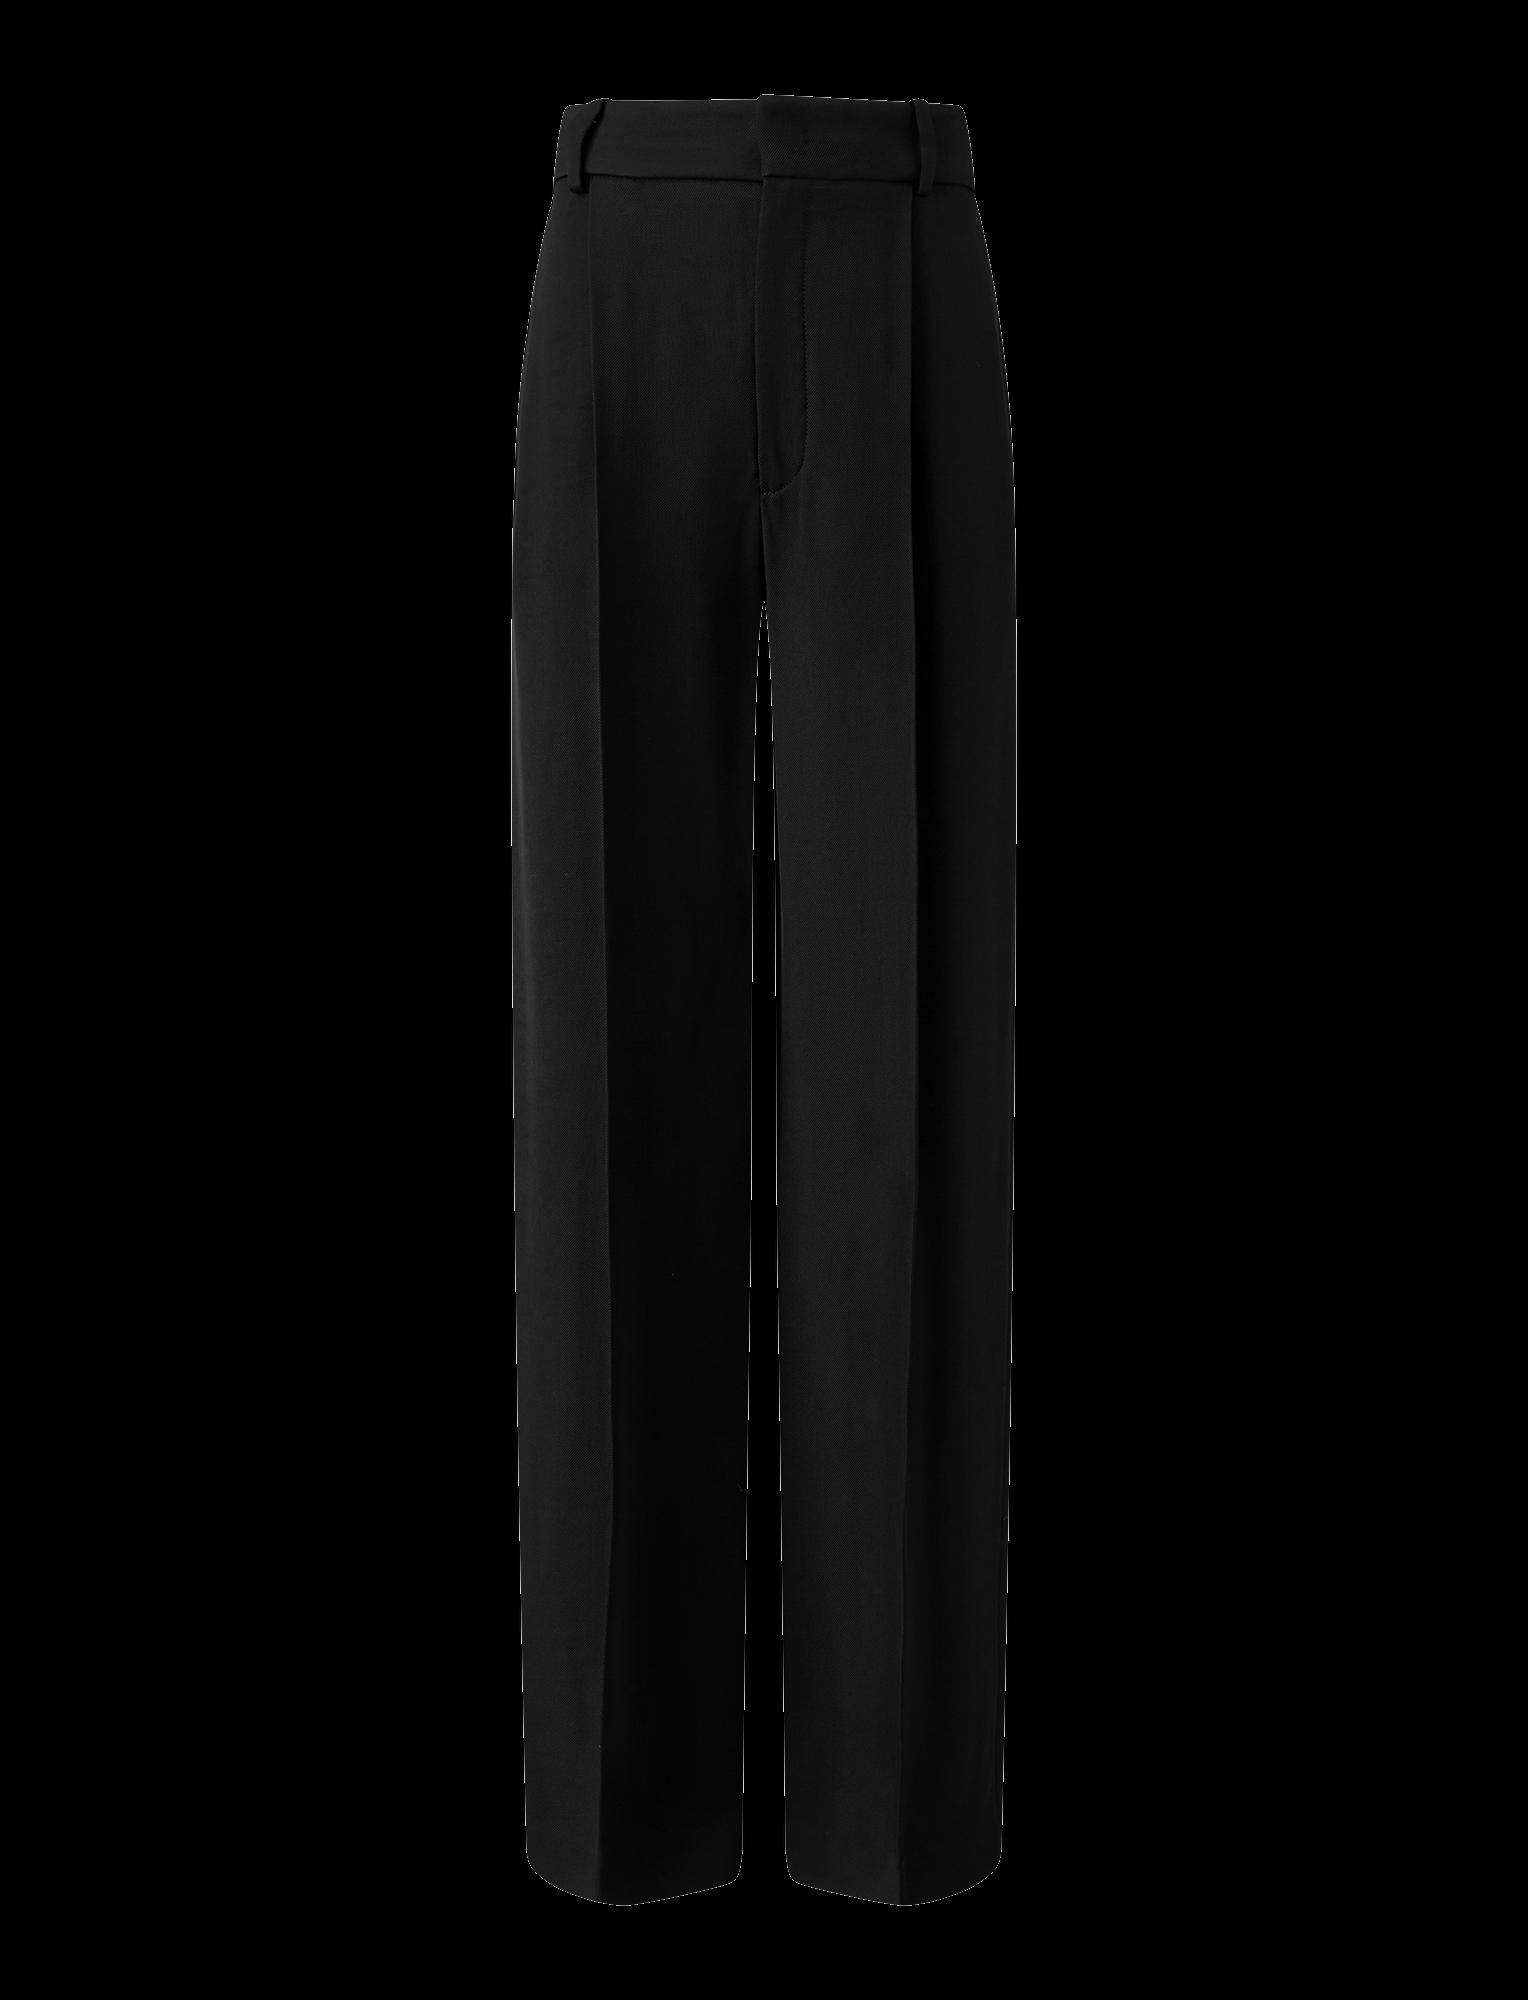 Joseph, Quarius Liquid Twill Trousers, in BLACK